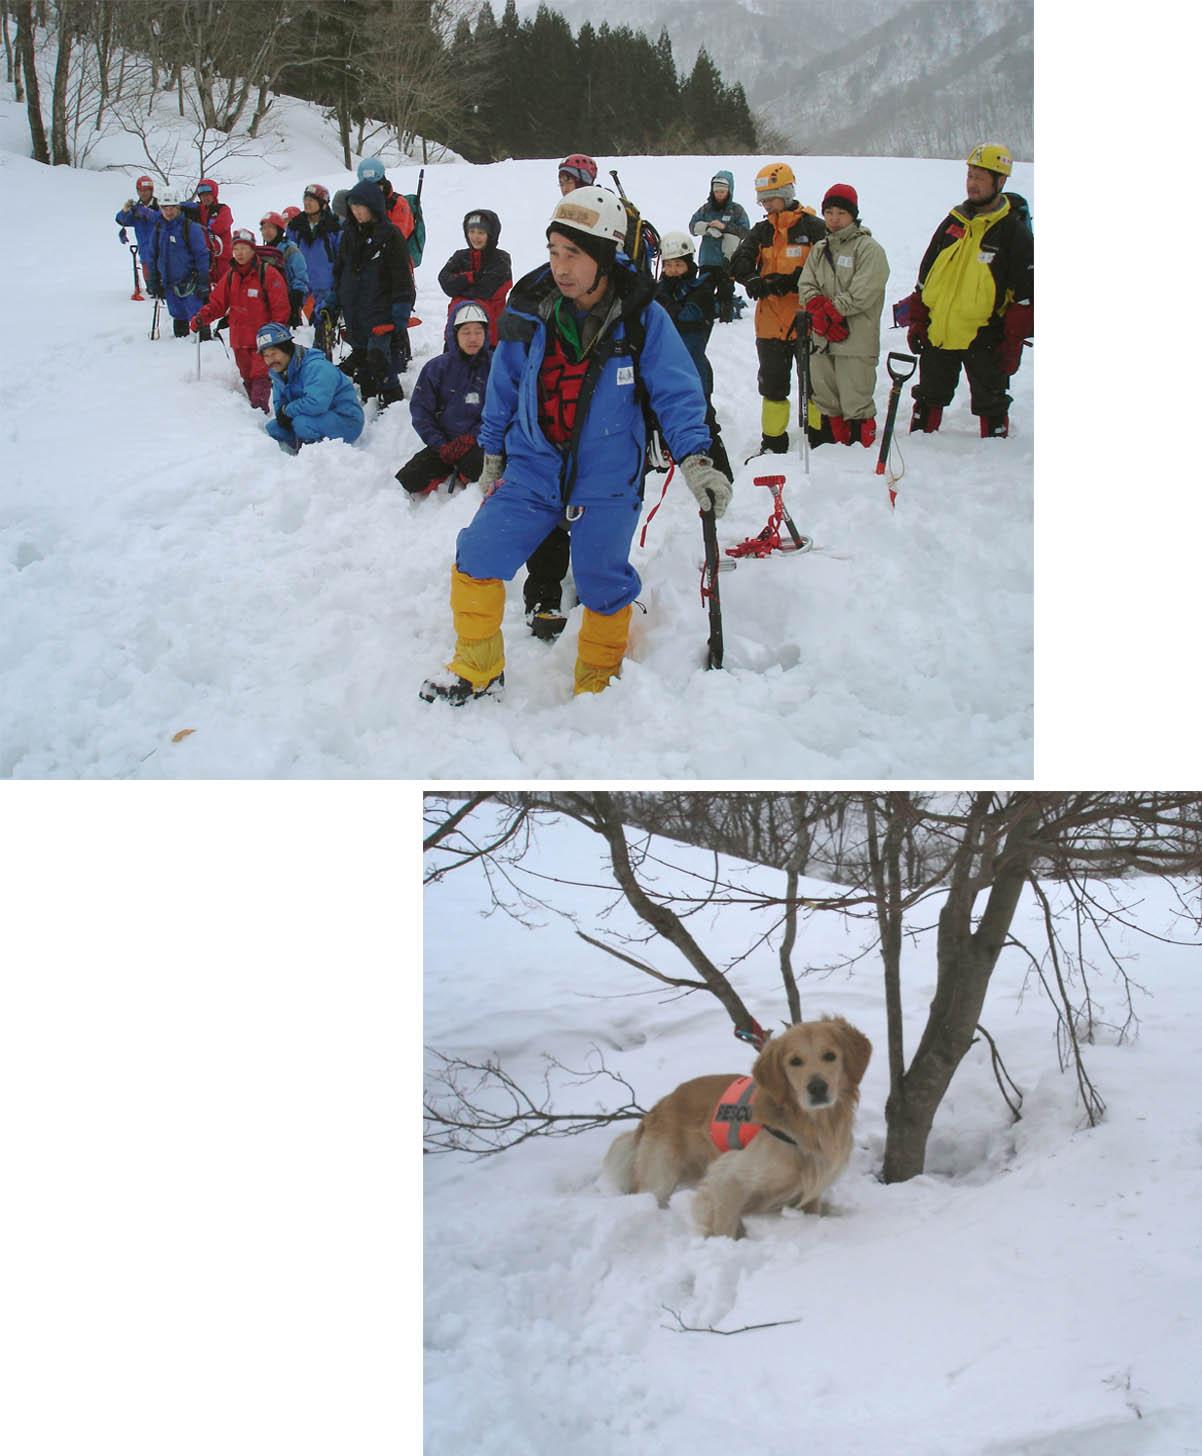 雪崩講習会とチャンス②(2006)